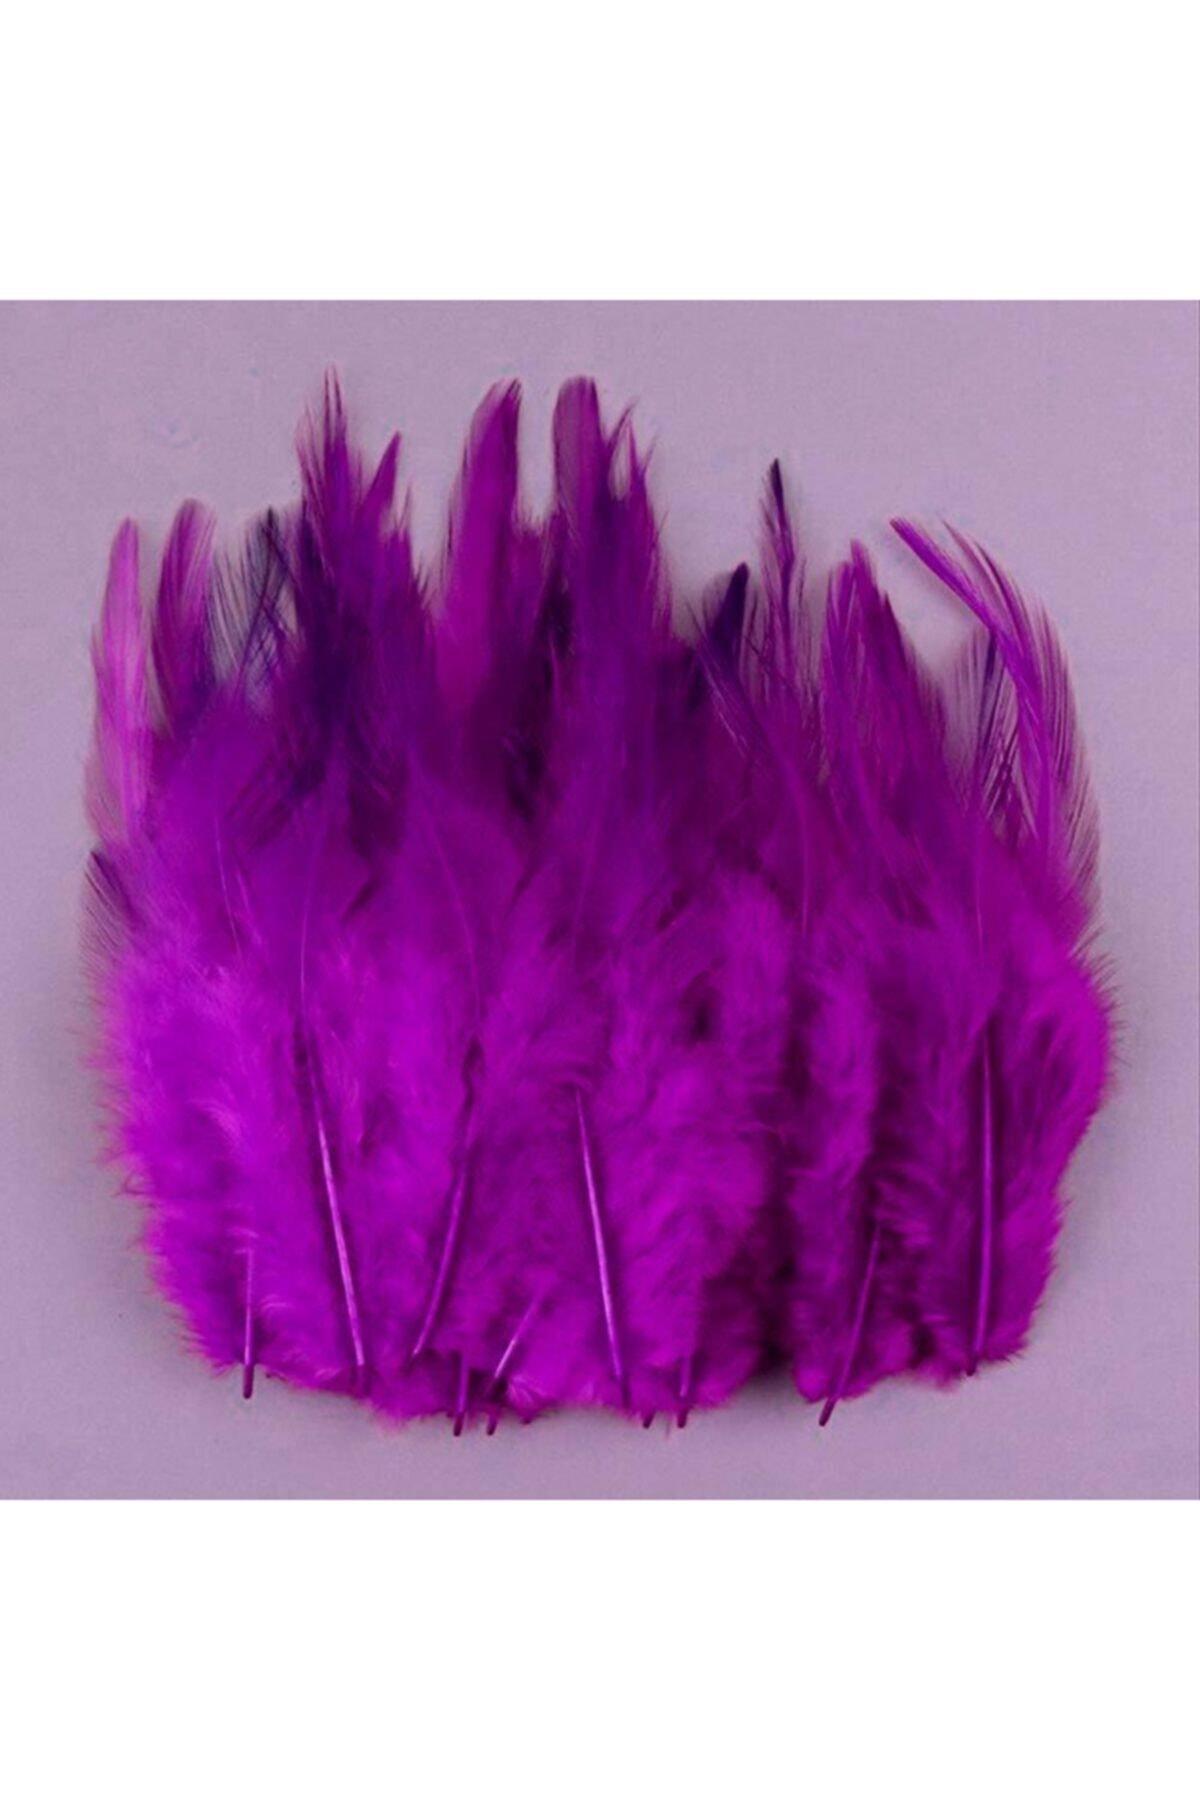 pluma-de-pajaro-purpura-de-15x2-100-uds-ornamento-artesanal-decorativo-suministros-100ld